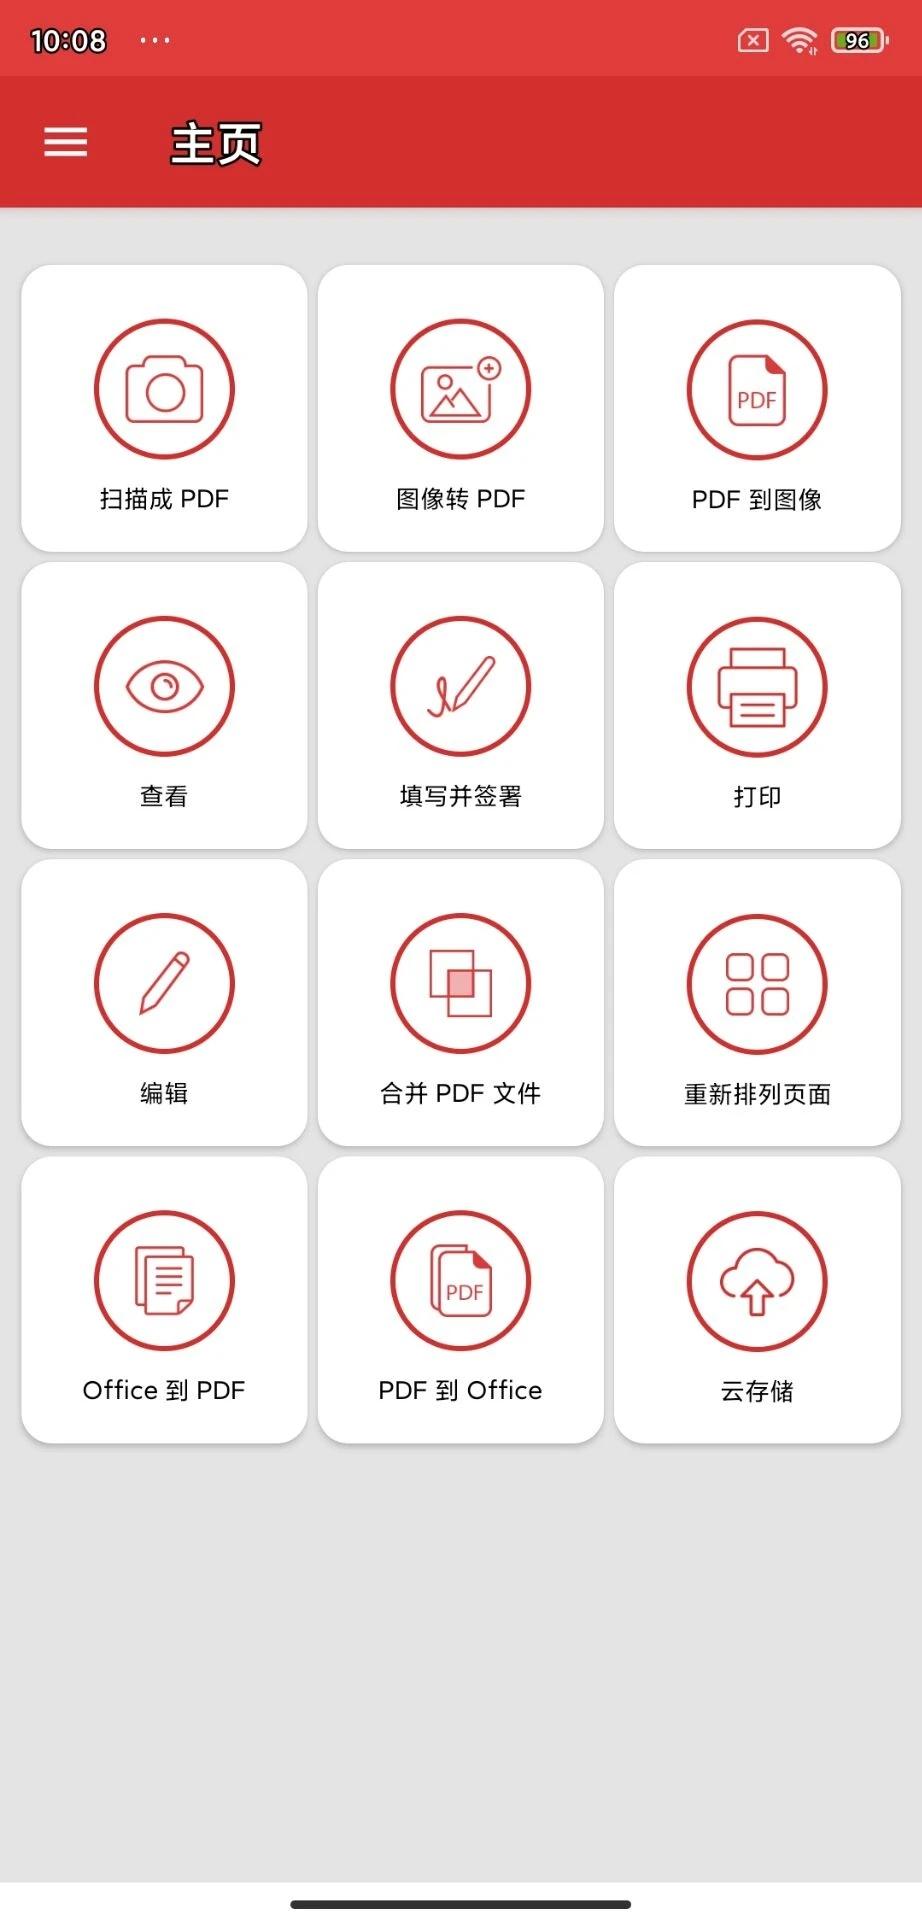 PDF Exera的使用截图[1]